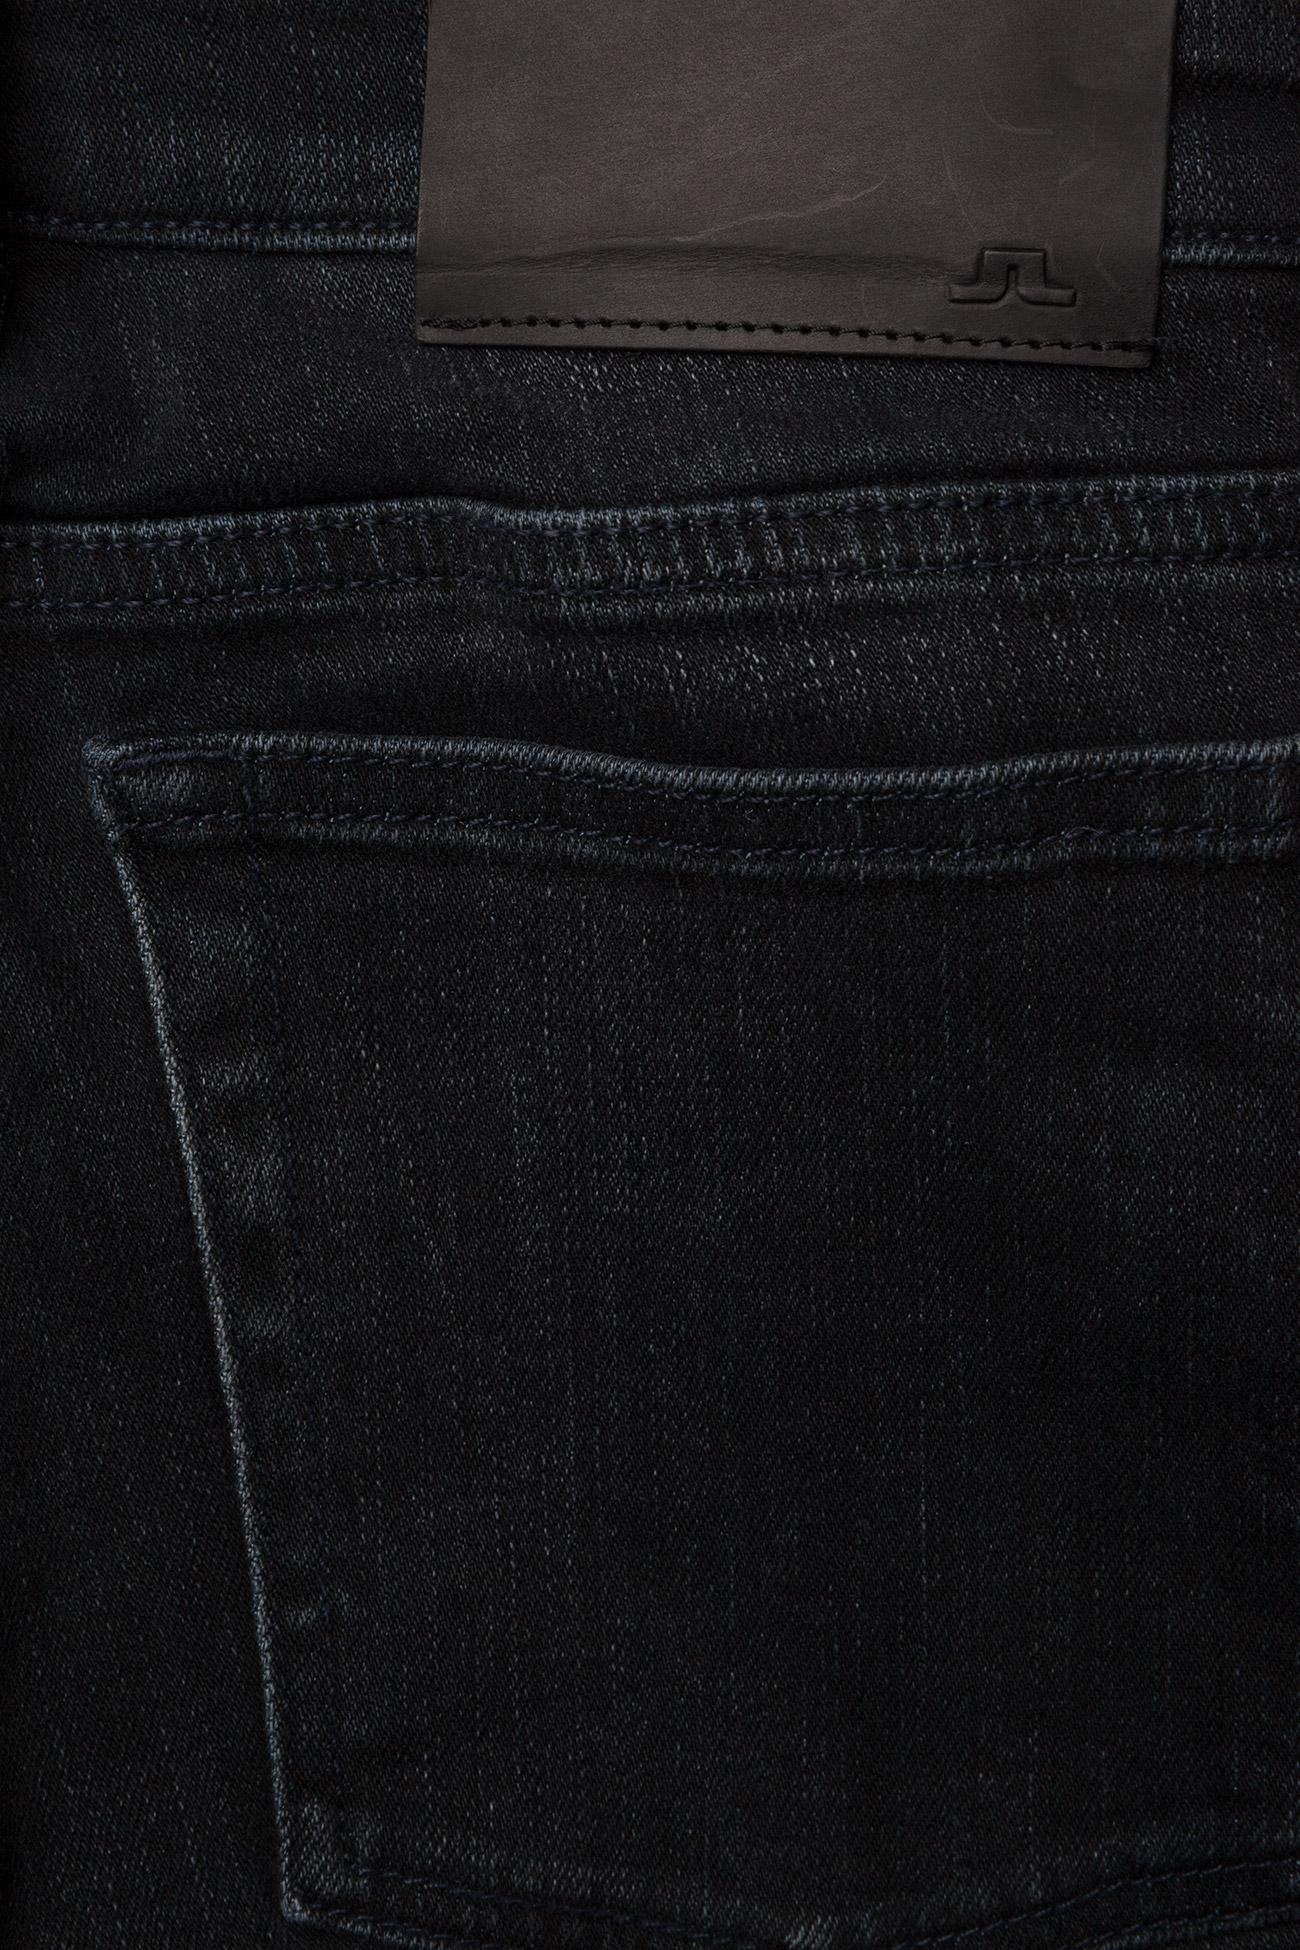 J. Lindeberg Lowe Blublack - Jeans DARK BLUE